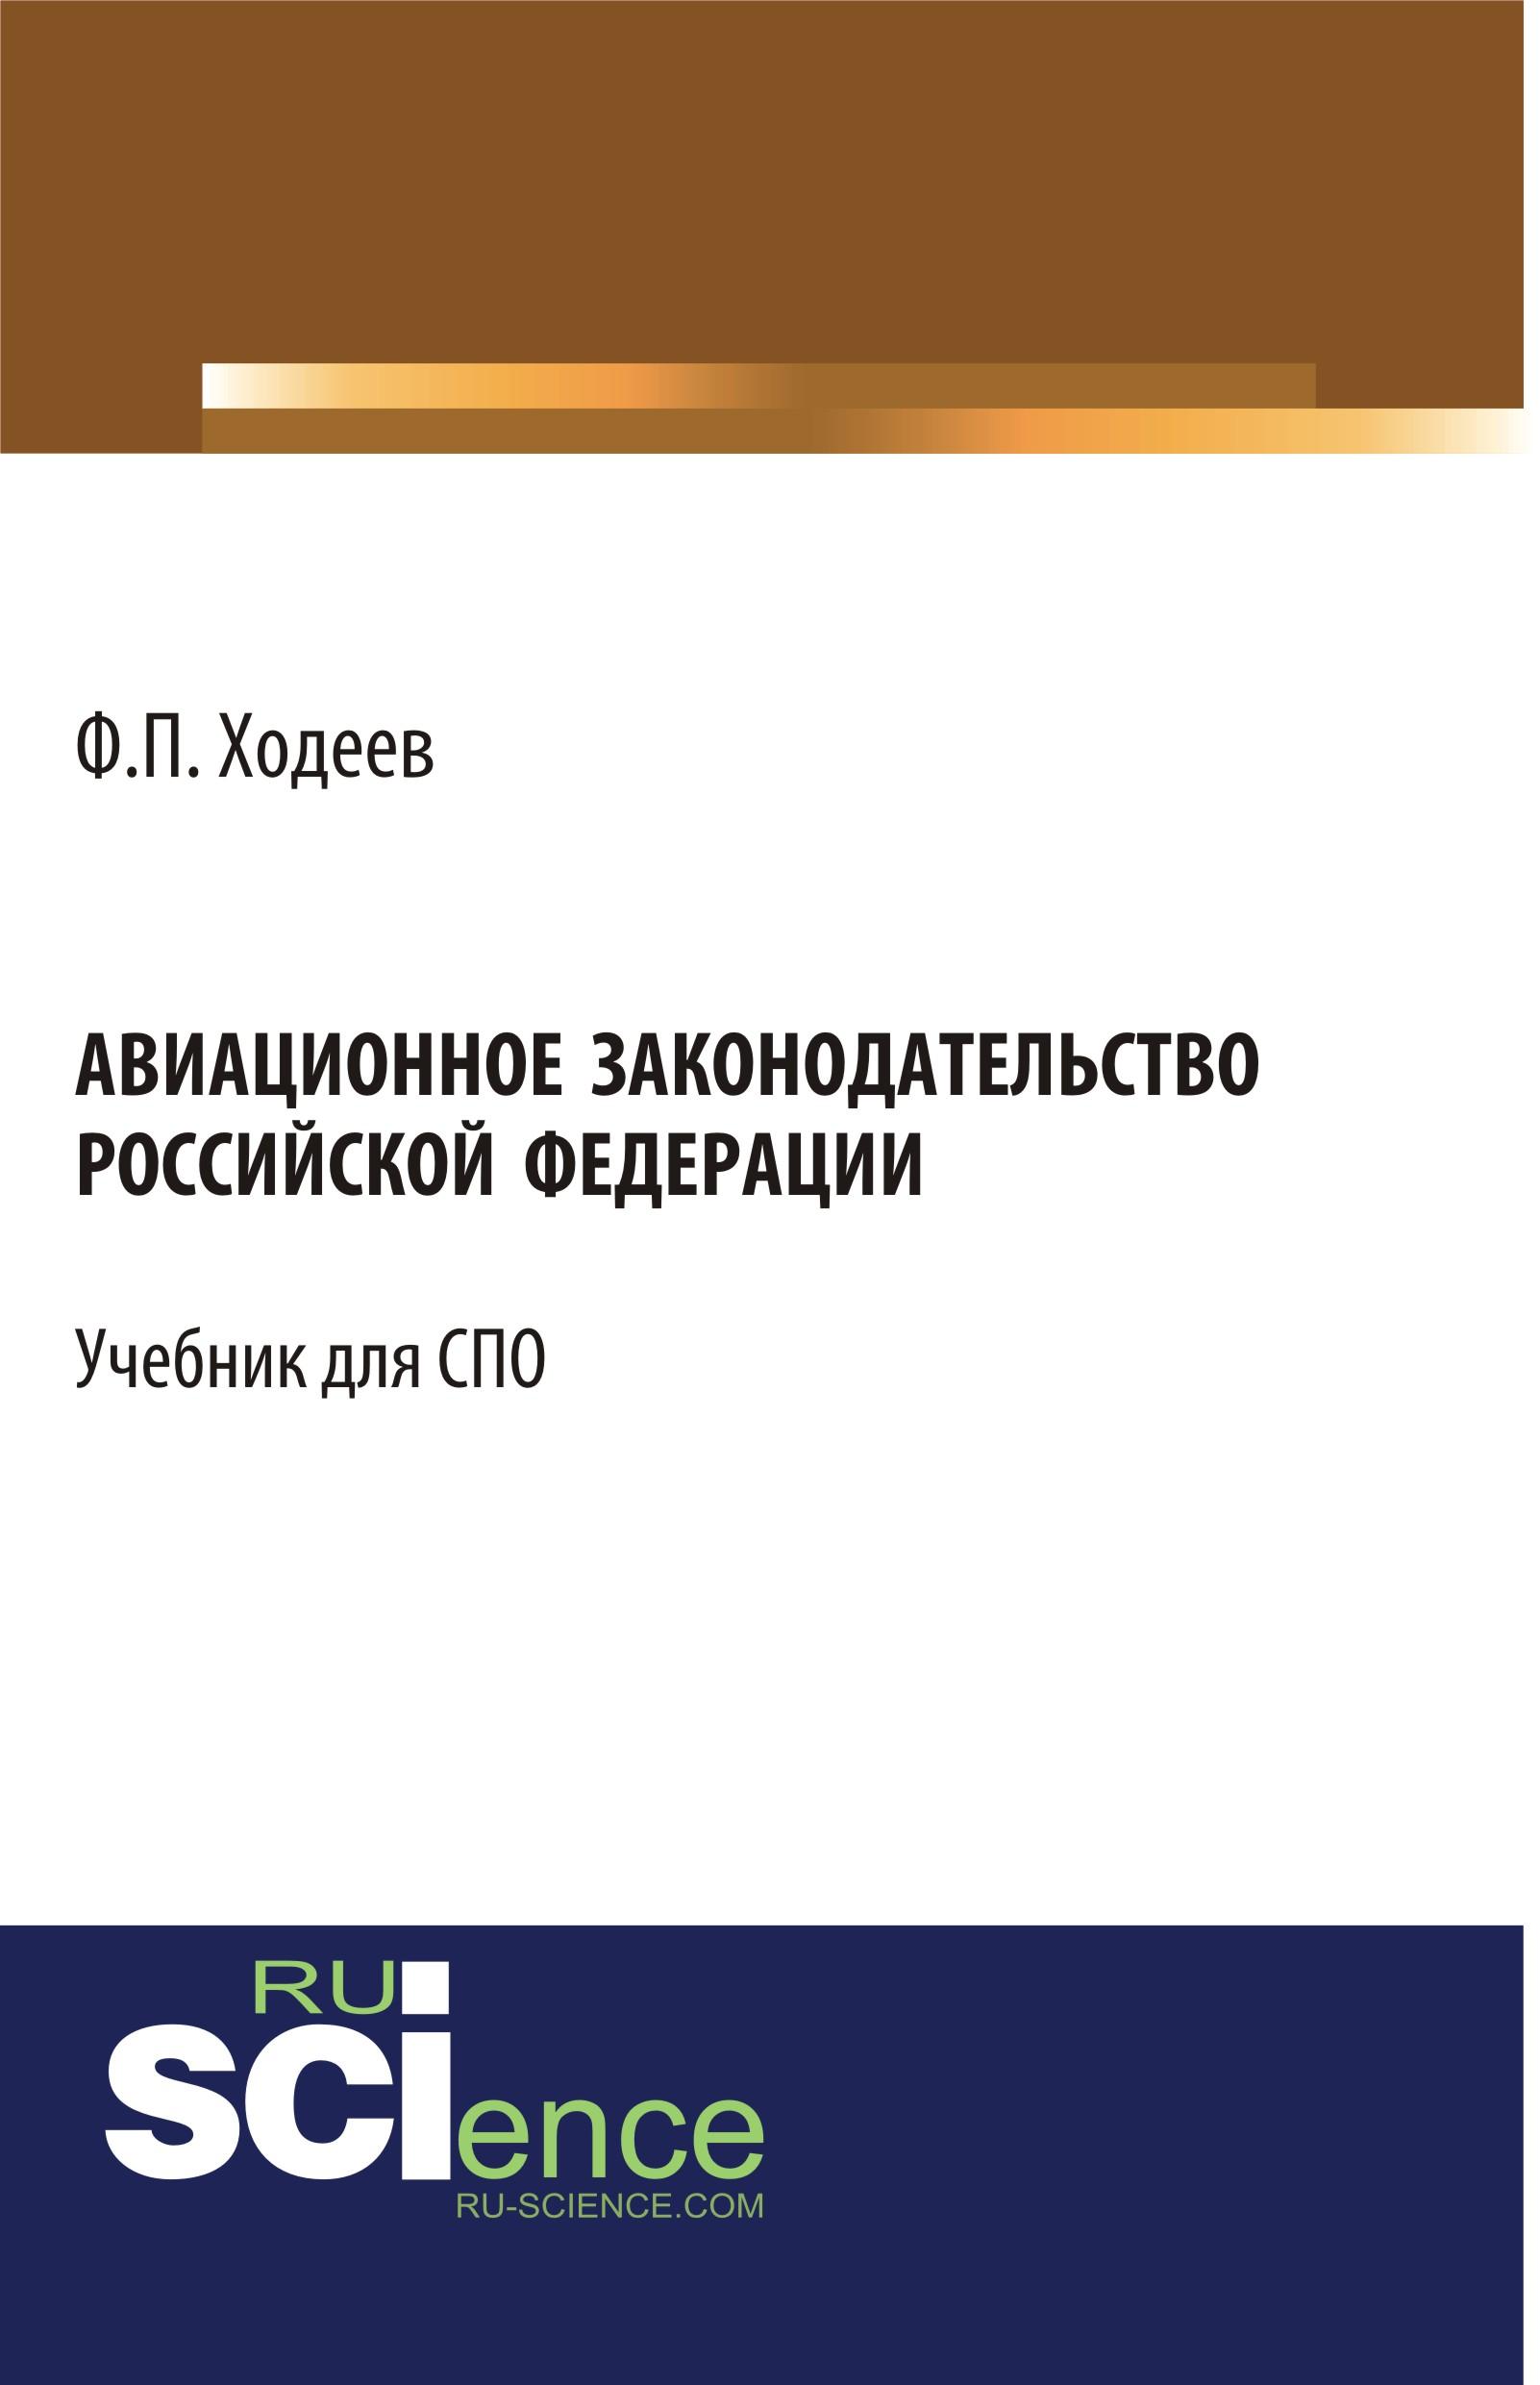 Авиационное законодательство Российской Федерации. Учебник для СПО